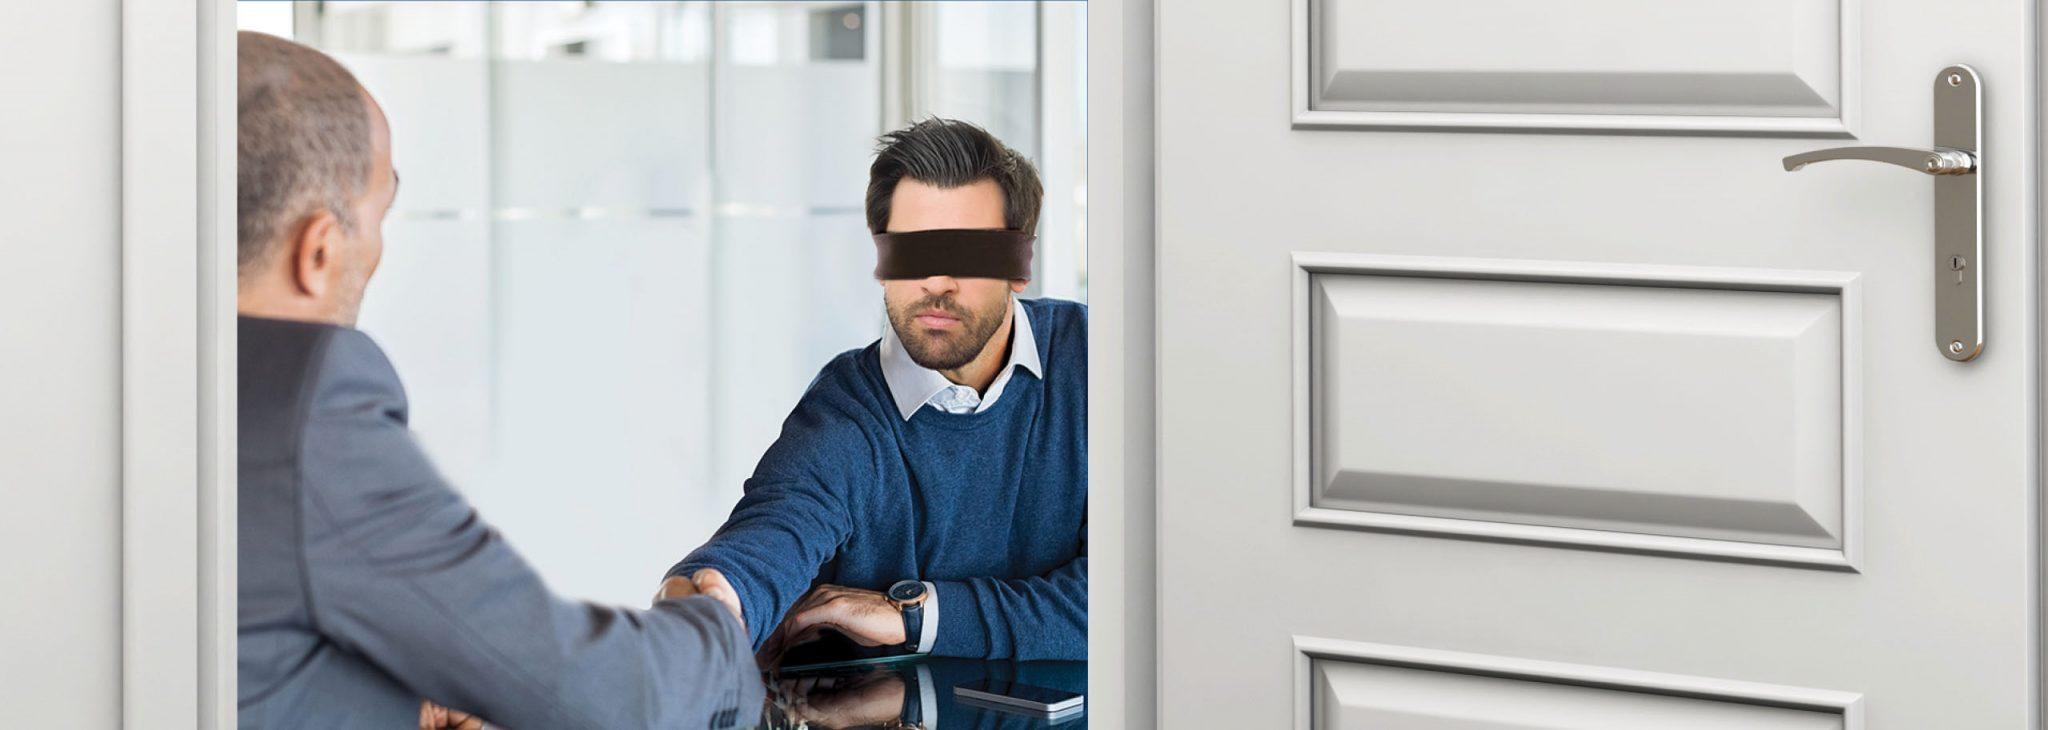 Photo of Escritórios de imigração fraudulentos em Toronto